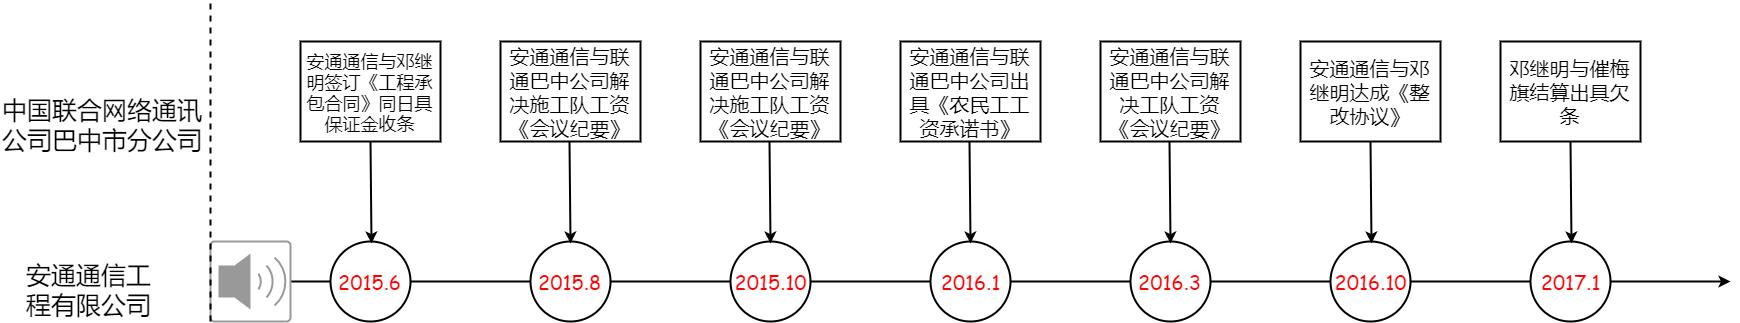 时间轴演示流程图